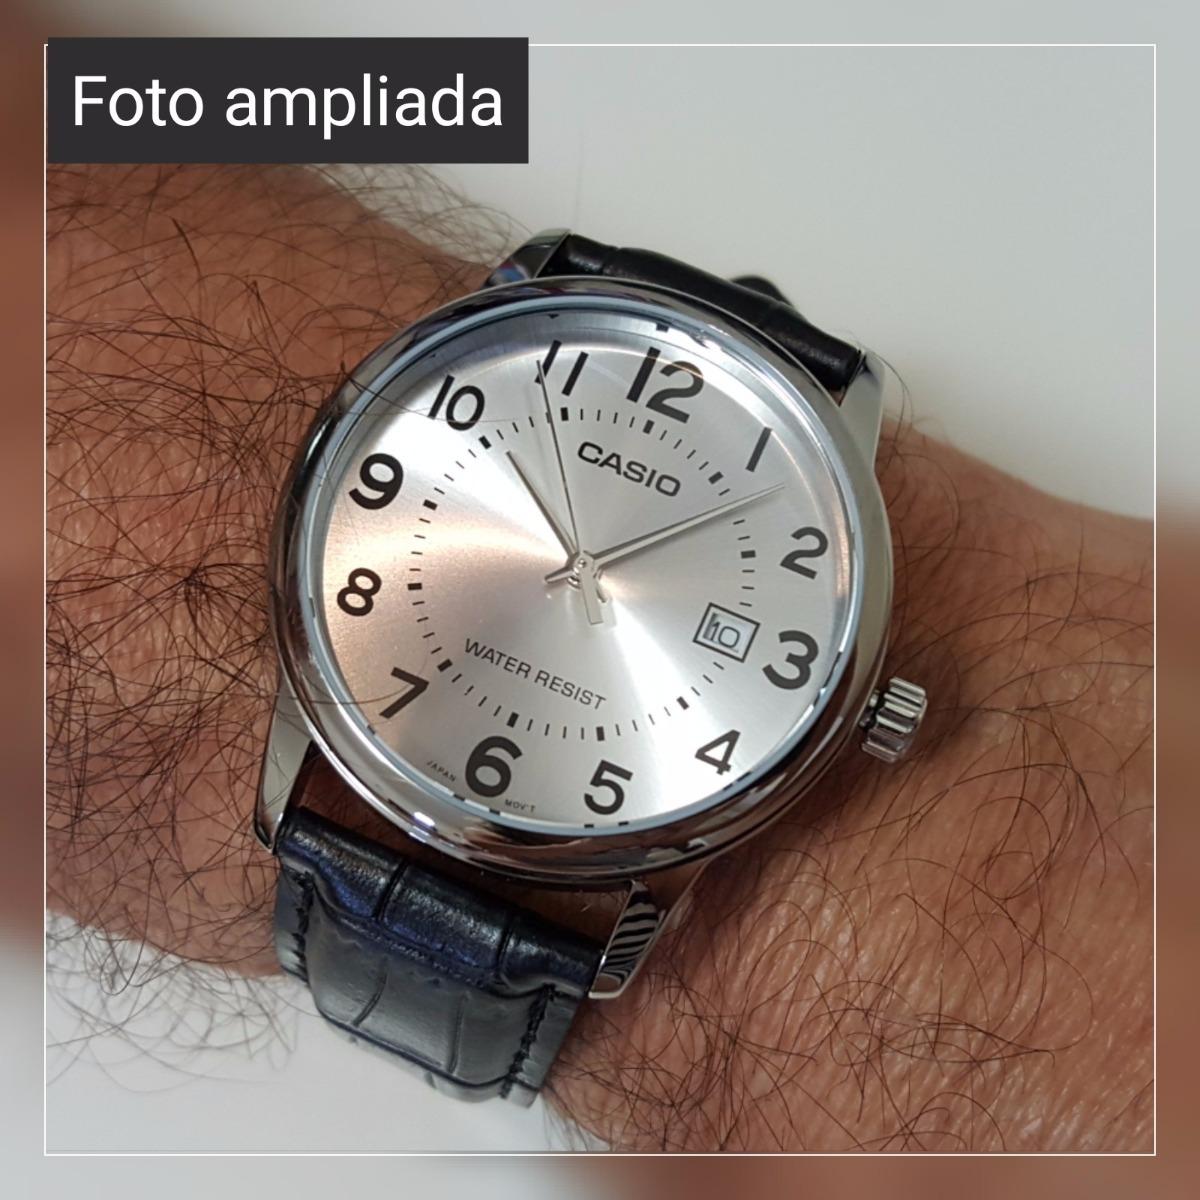 e204ebbb2ad Carregando zoom... relógio masculino casio couro preto visor prata números  data